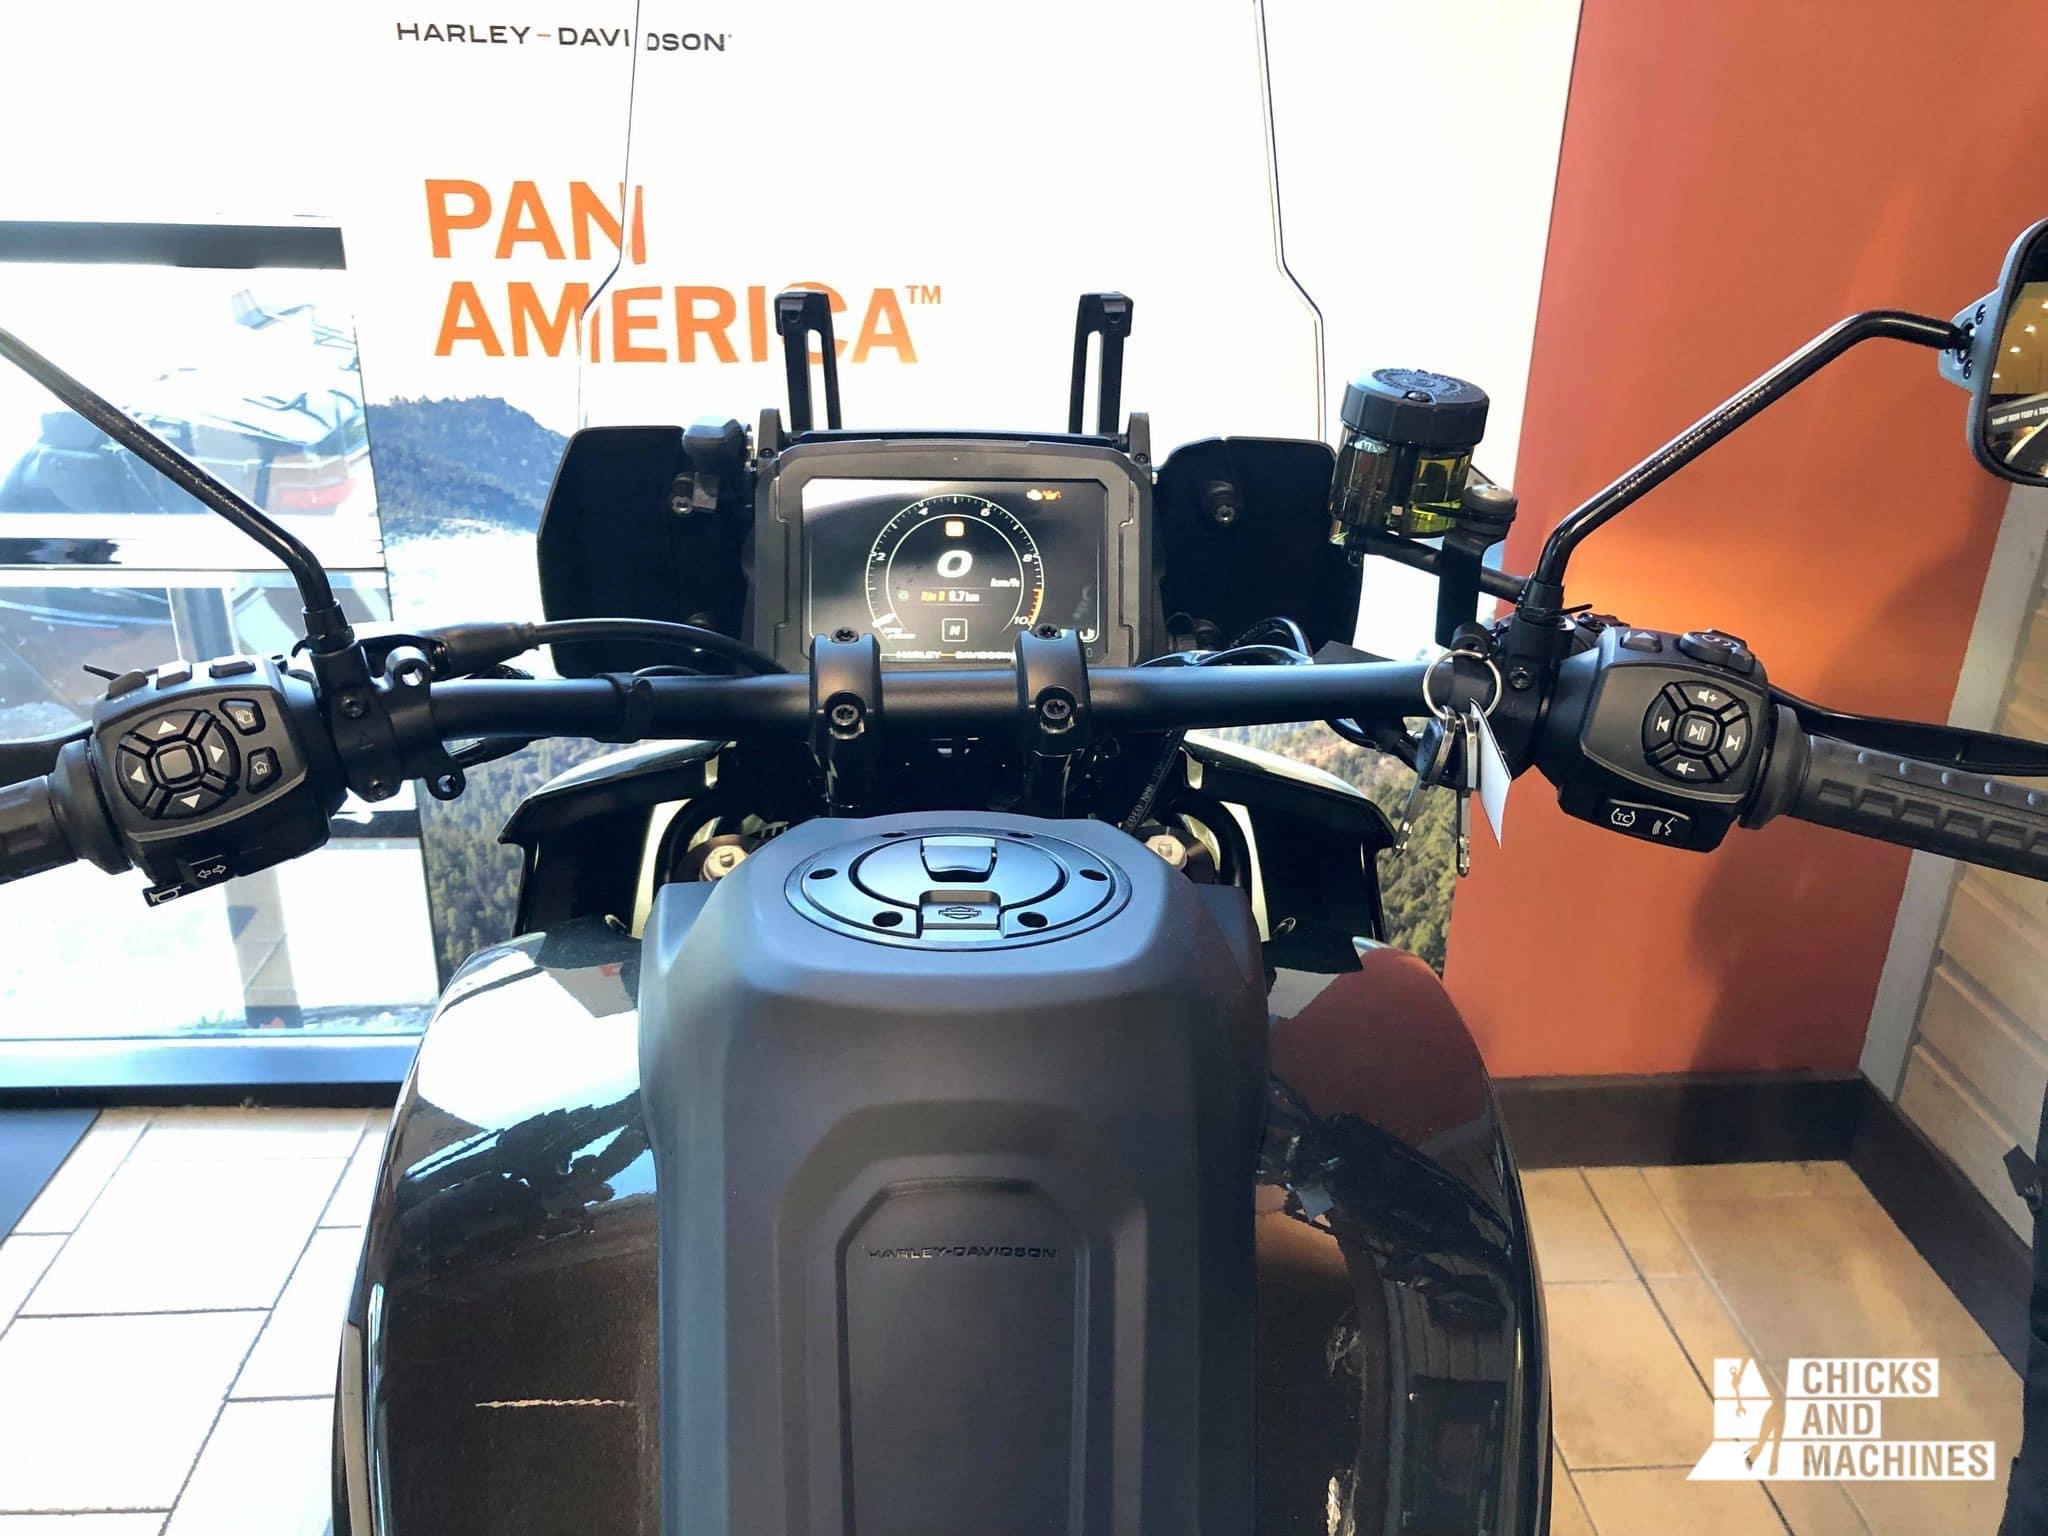 Écran digital de la Pan America